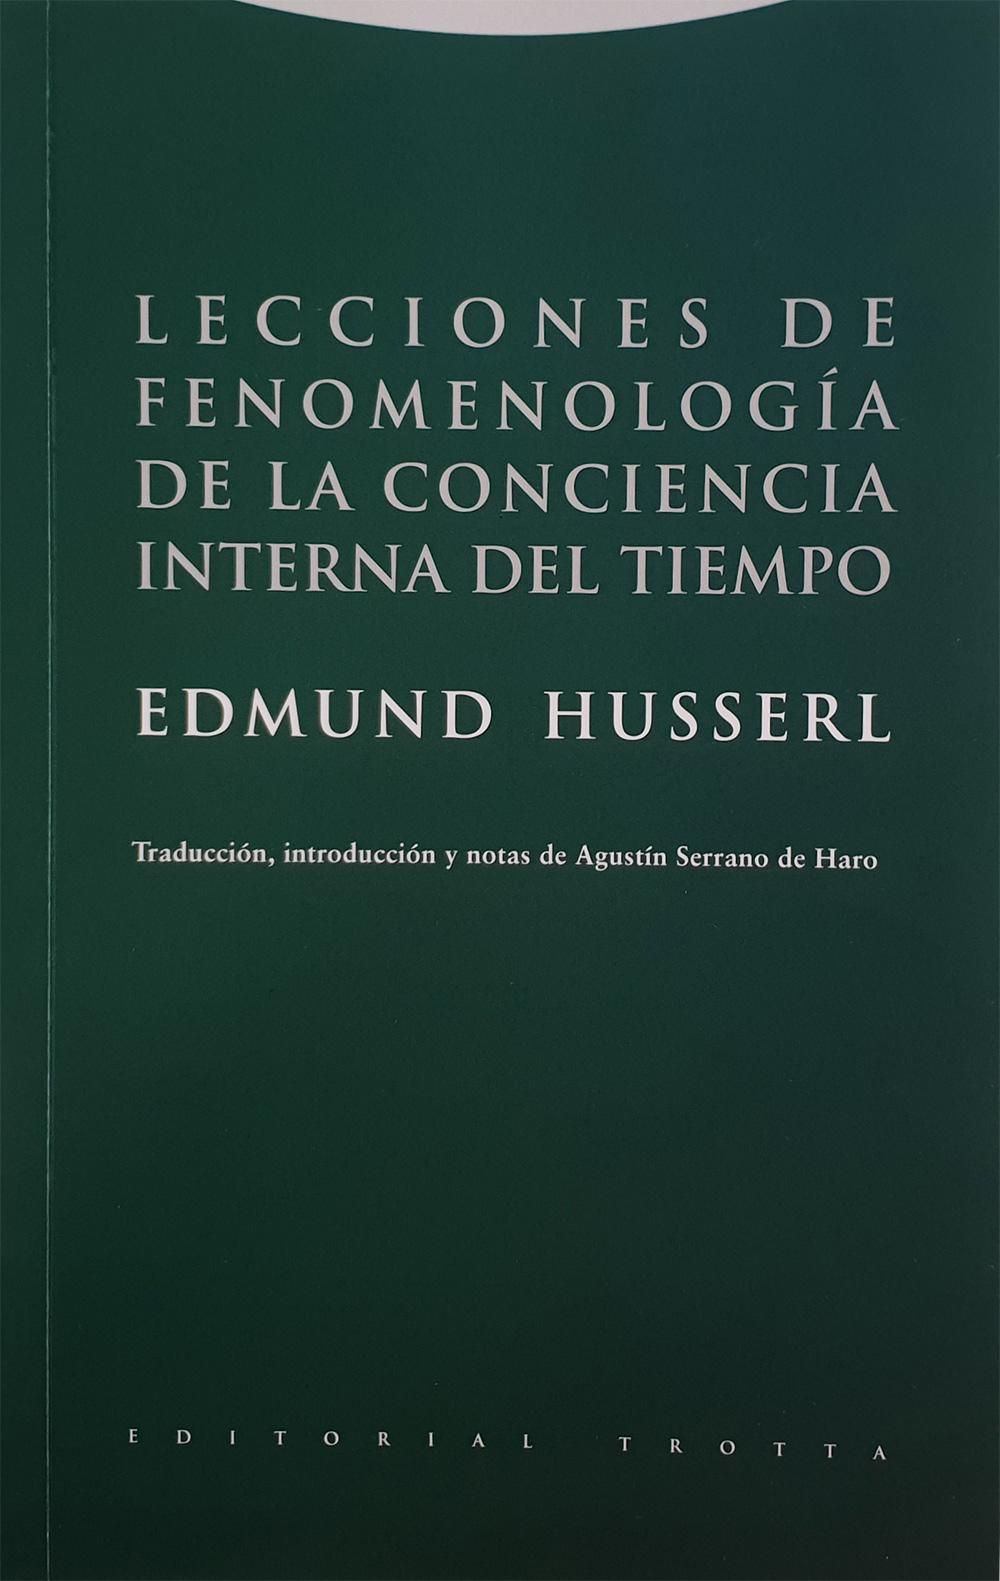 Portada libro - Lecciones de fenomenología de la conciencia interna del tiempo